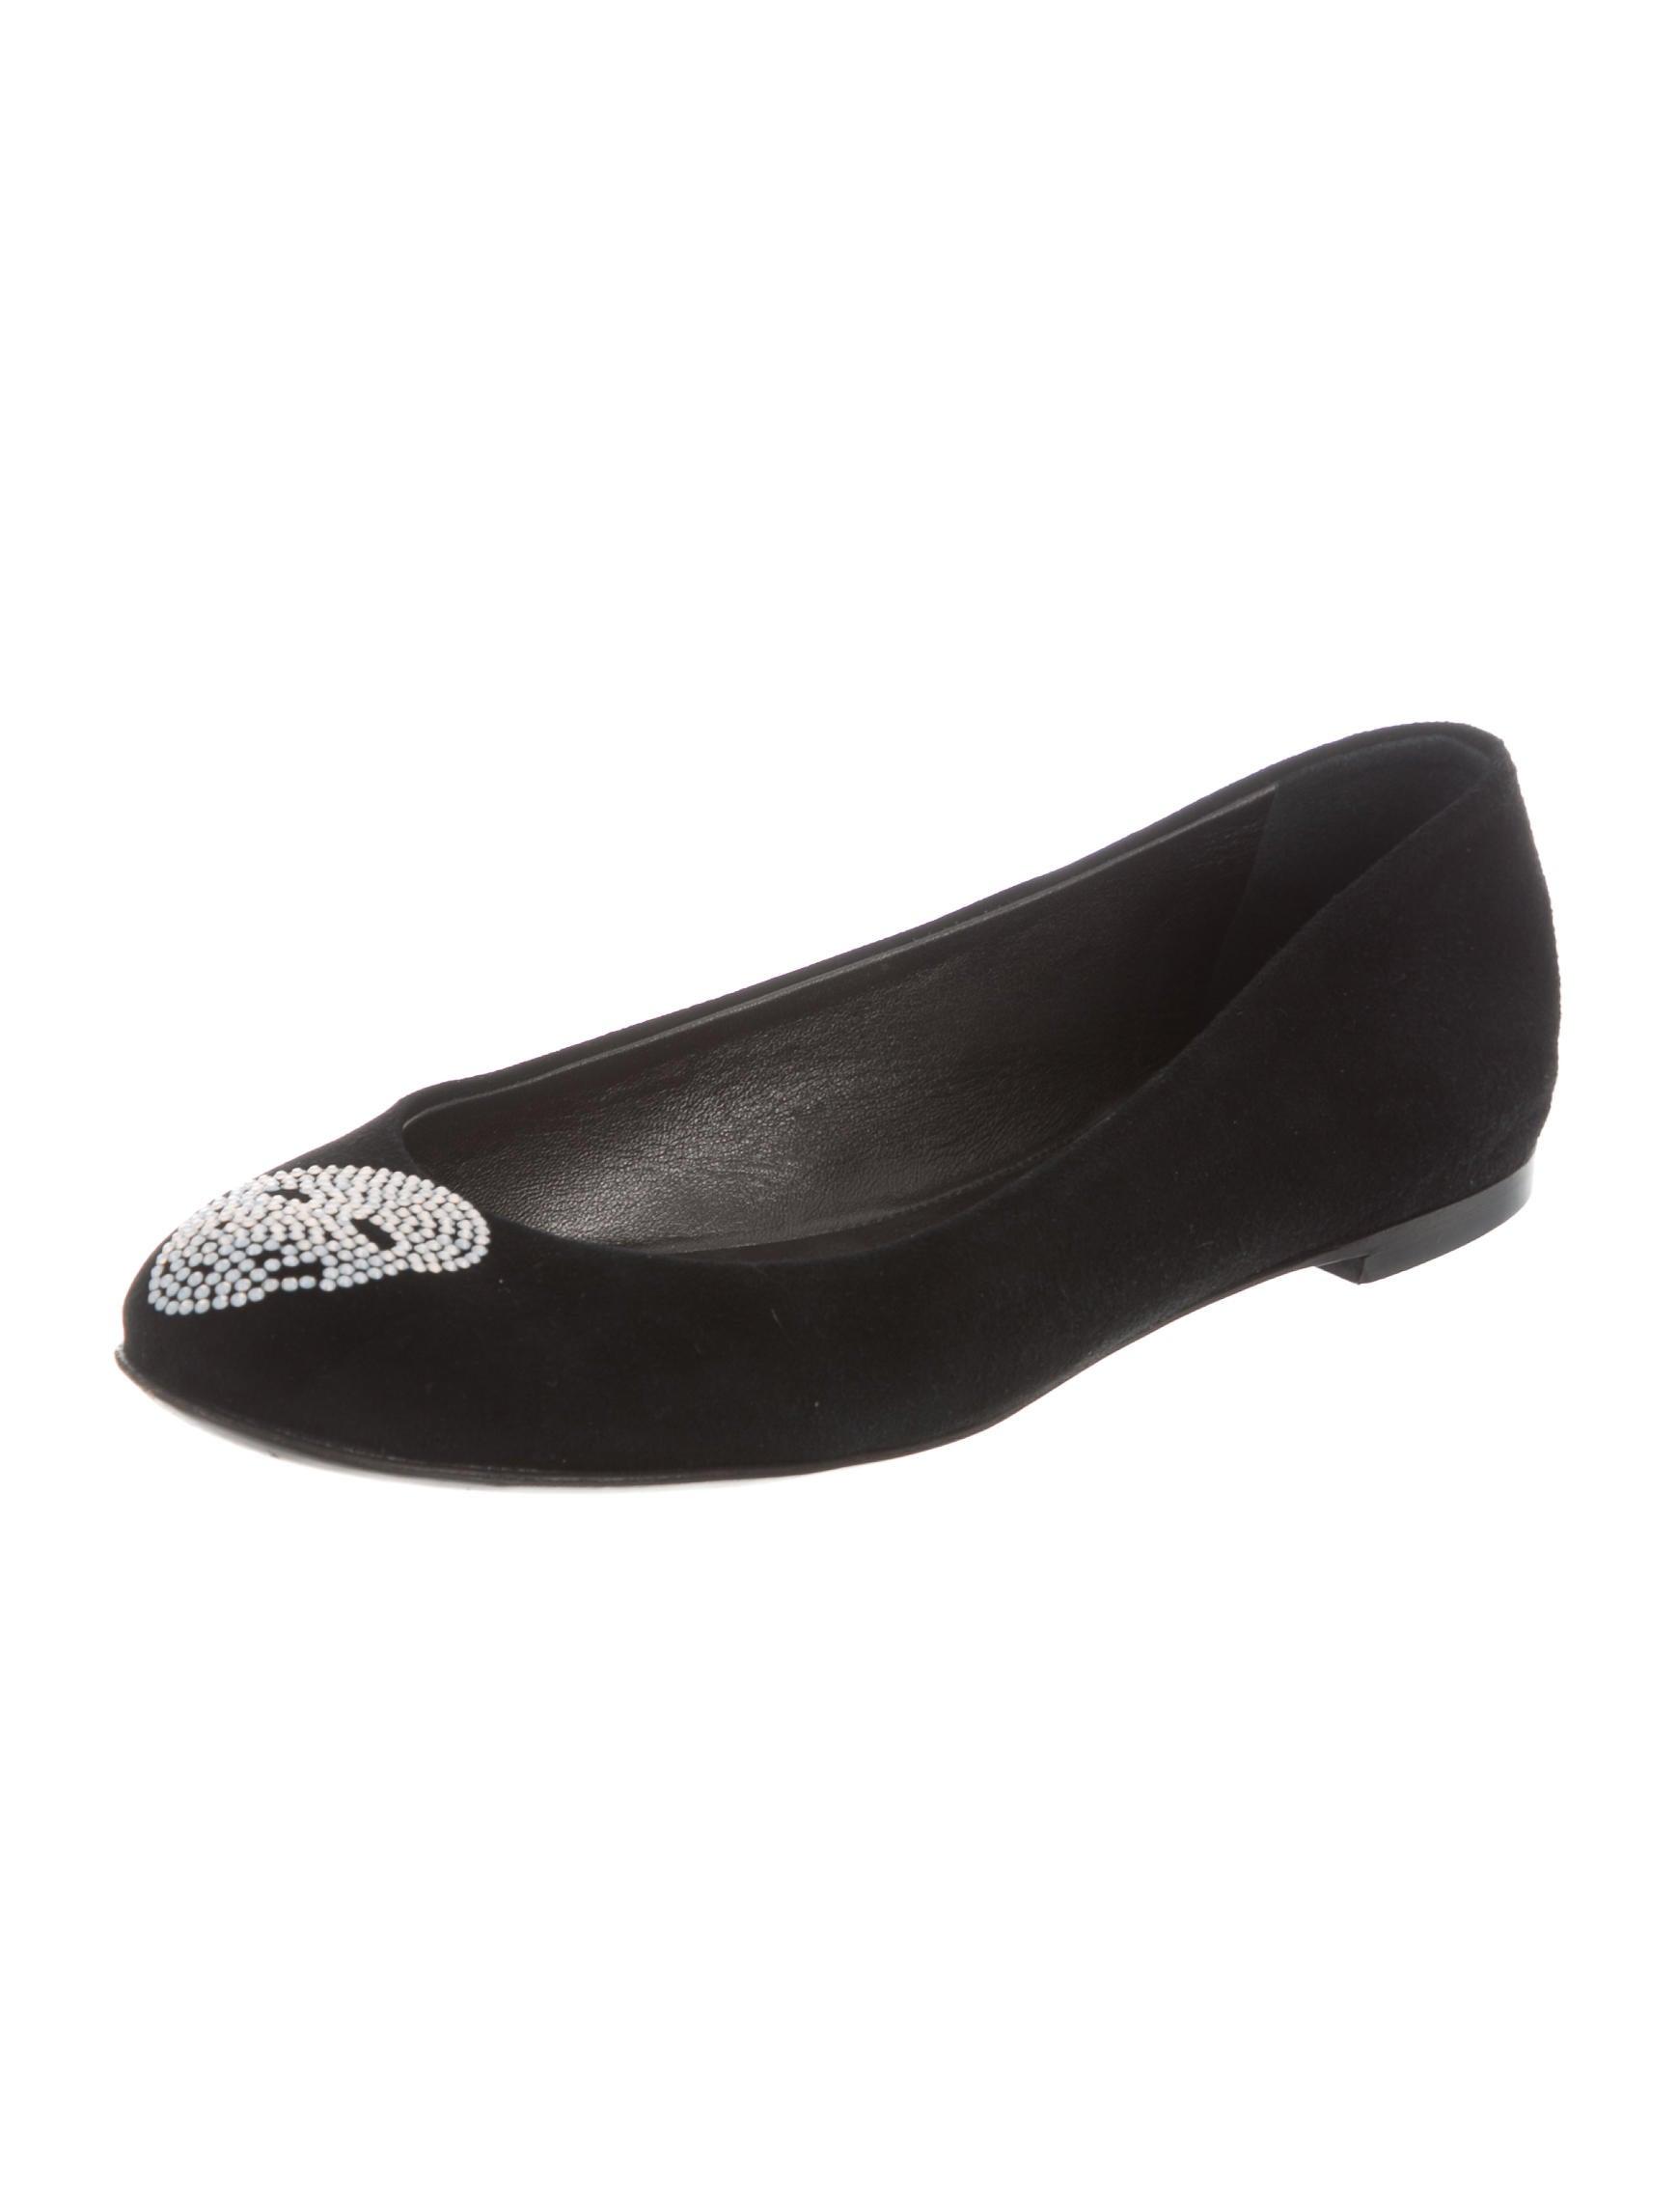 Giuseppe Zanotti Embellished Skull Flats - Shoes ...